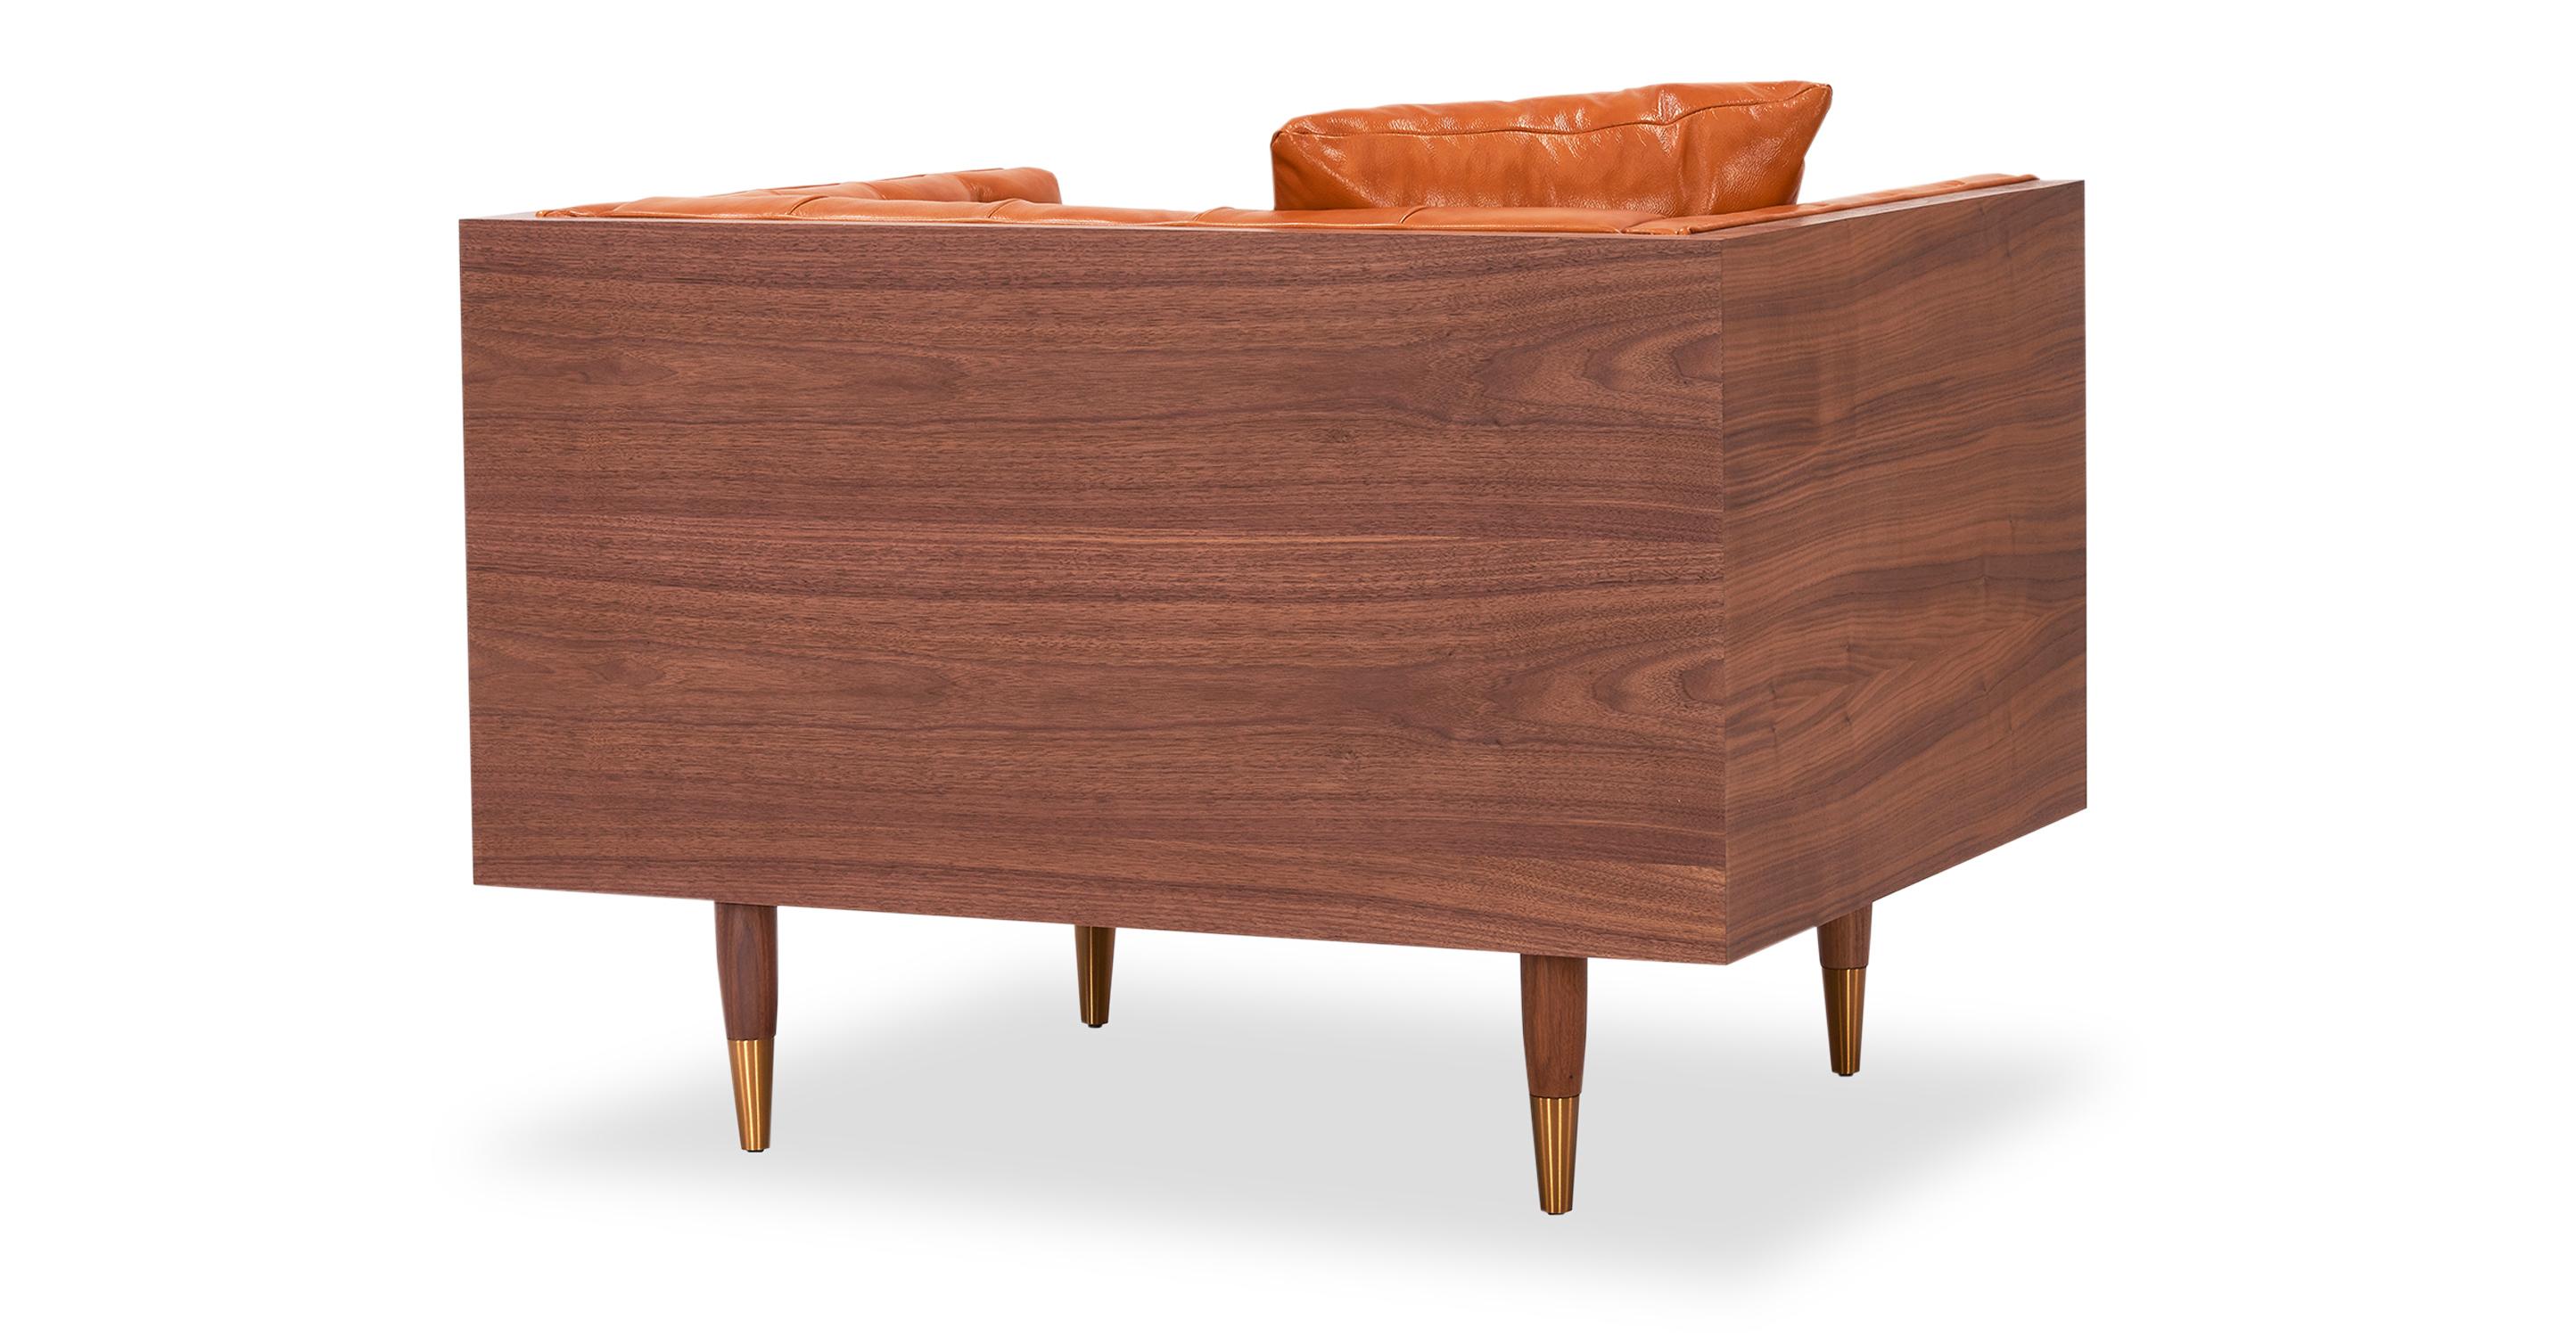 Woodrow Neo Chair, Walnut/Tan Aniline